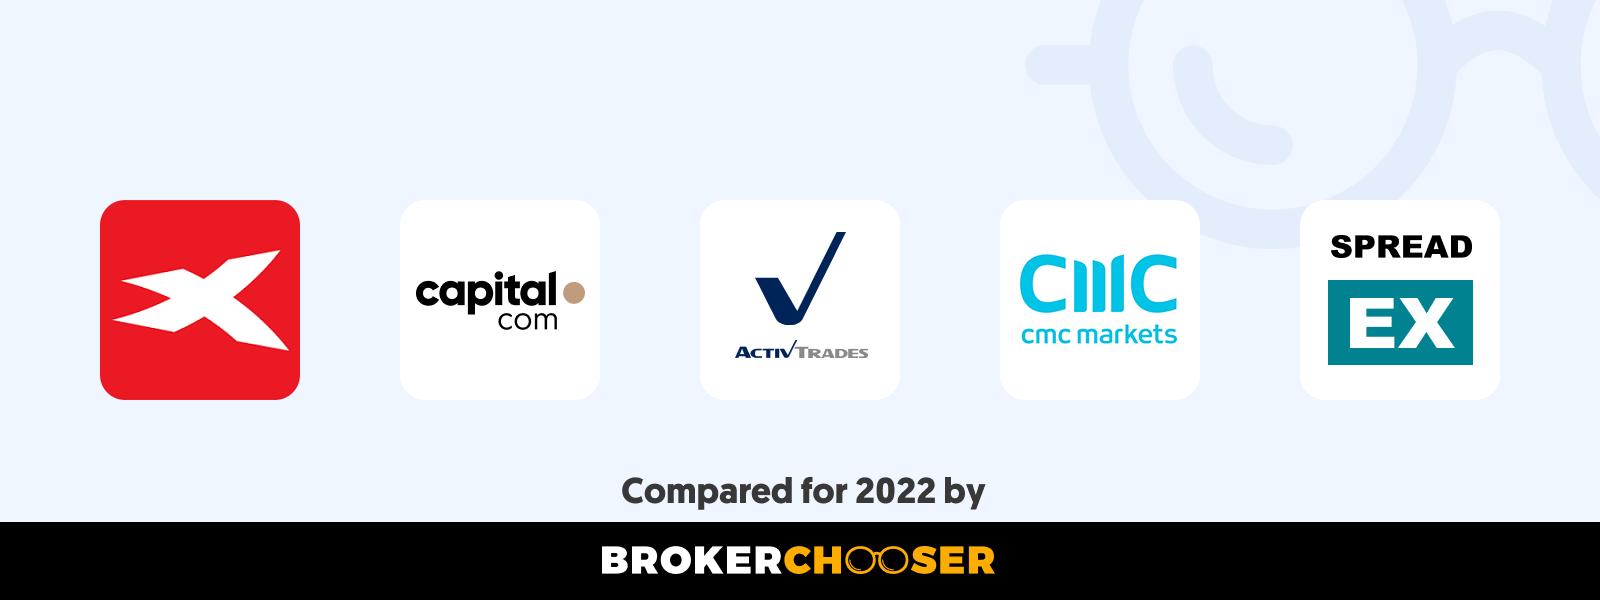 Best CFD brokers in Cayman Islands in 2020